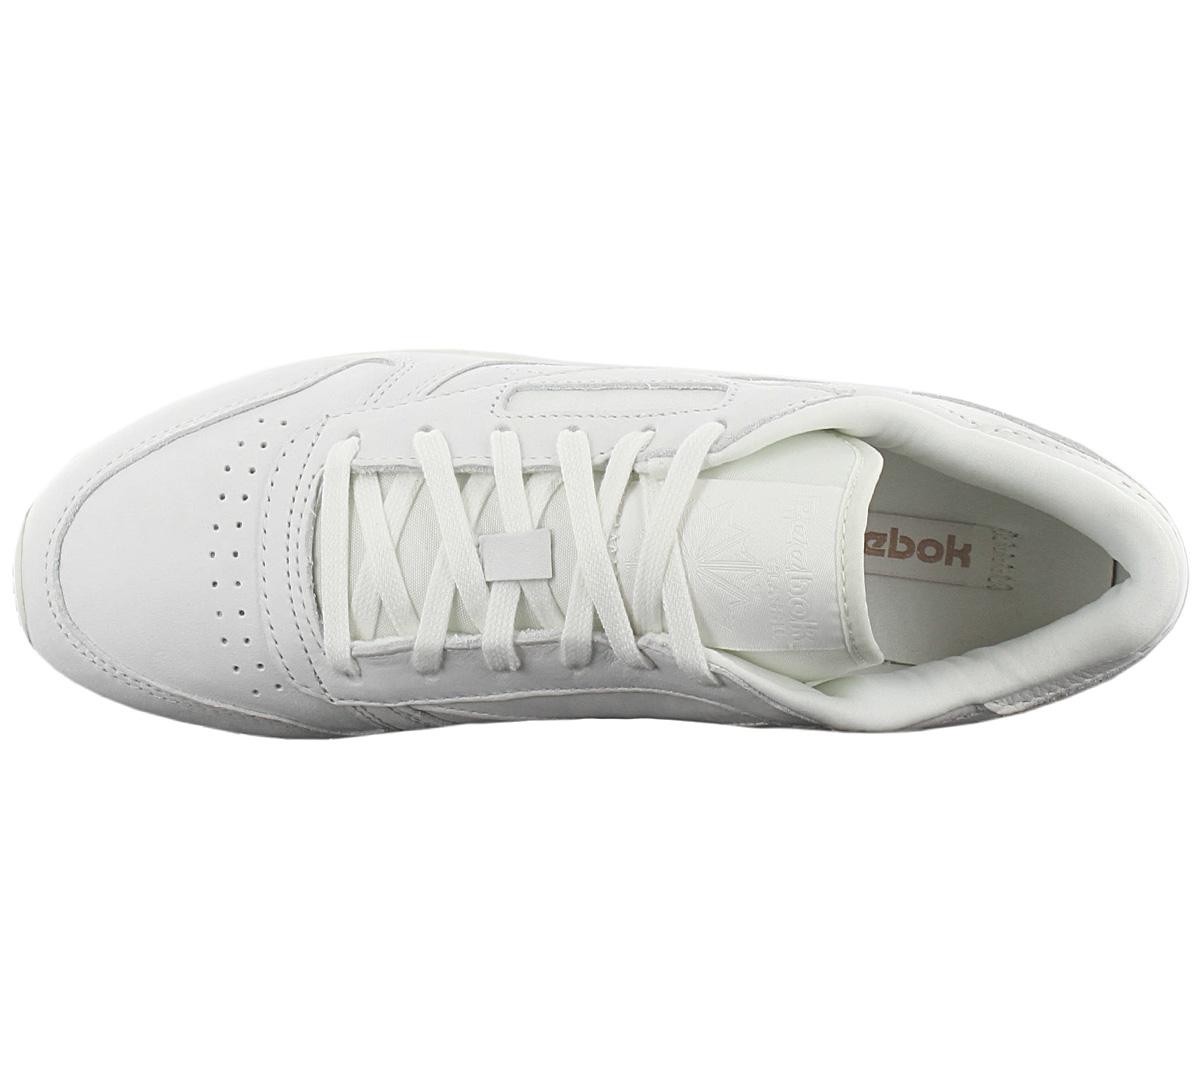 Reebok Classic Leather FBT Suede Damen Sneaker BS6591 Leder